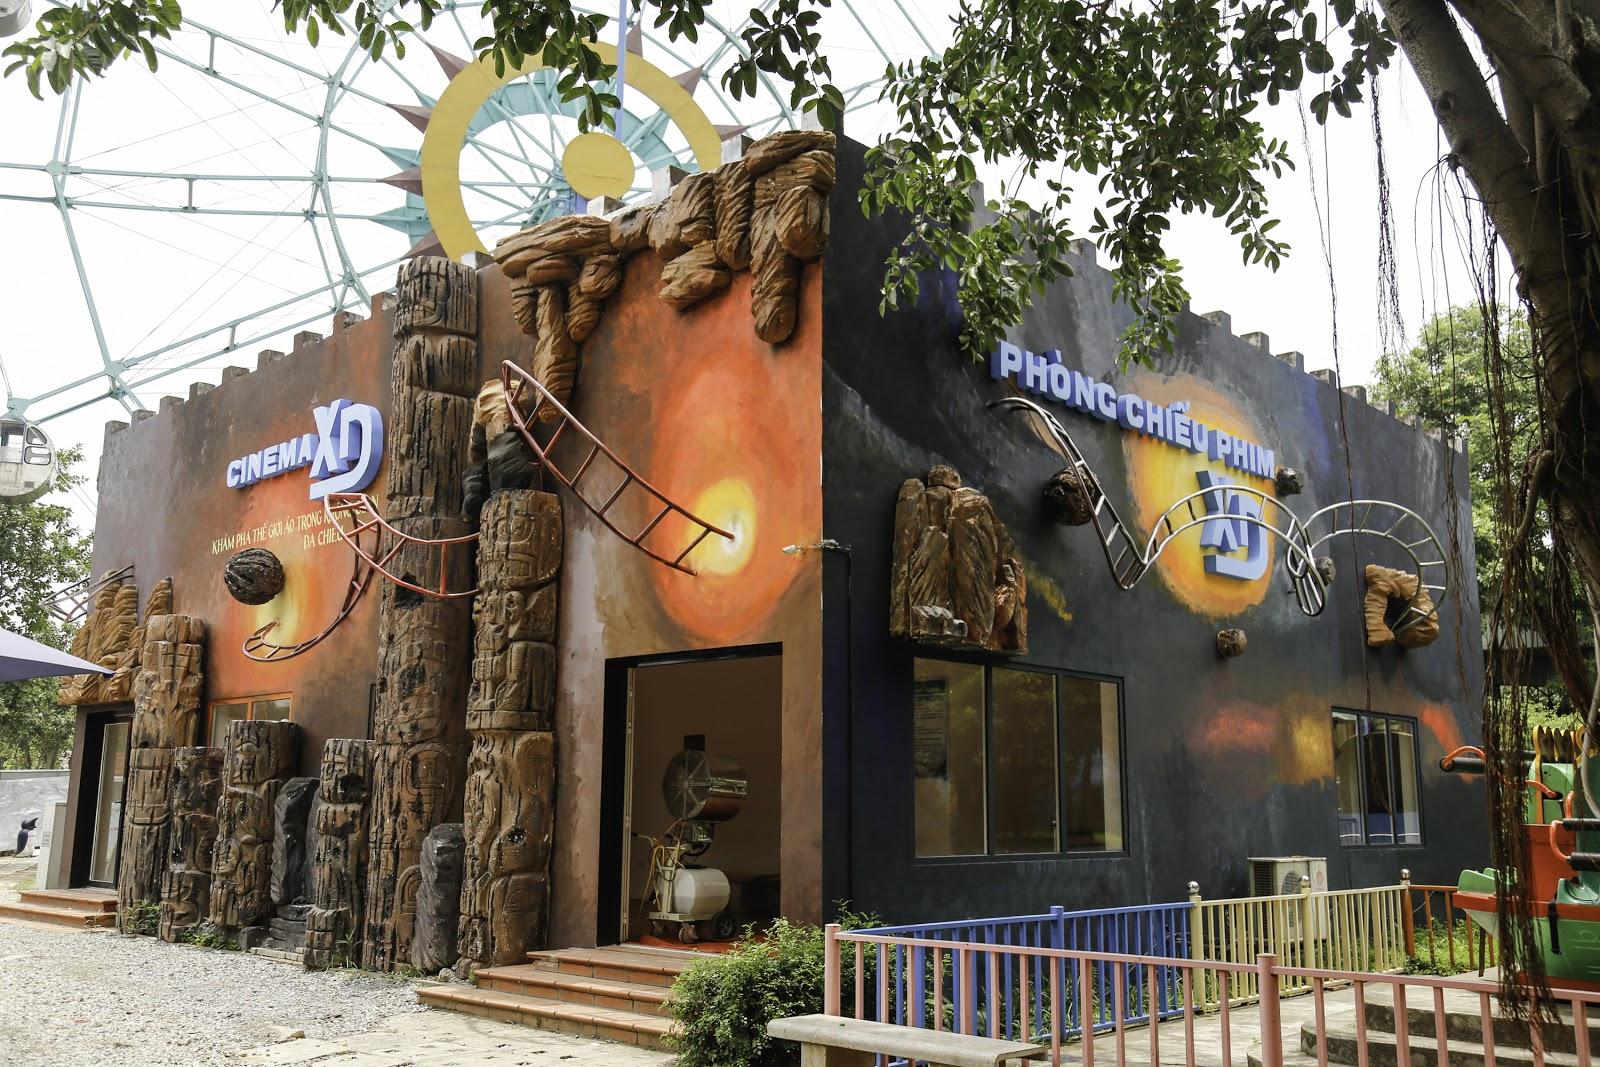 rạp chiếu phim XD tại Thiên đường Bảo Sơn, bên ngoài rạp chiếu phim trang trí nhiều màu sắc, trò chơi đu quay mặt trời phía sau cinema XD, ảnh chụp cạnh cái cây gần rạp chiếu chiếu XD,